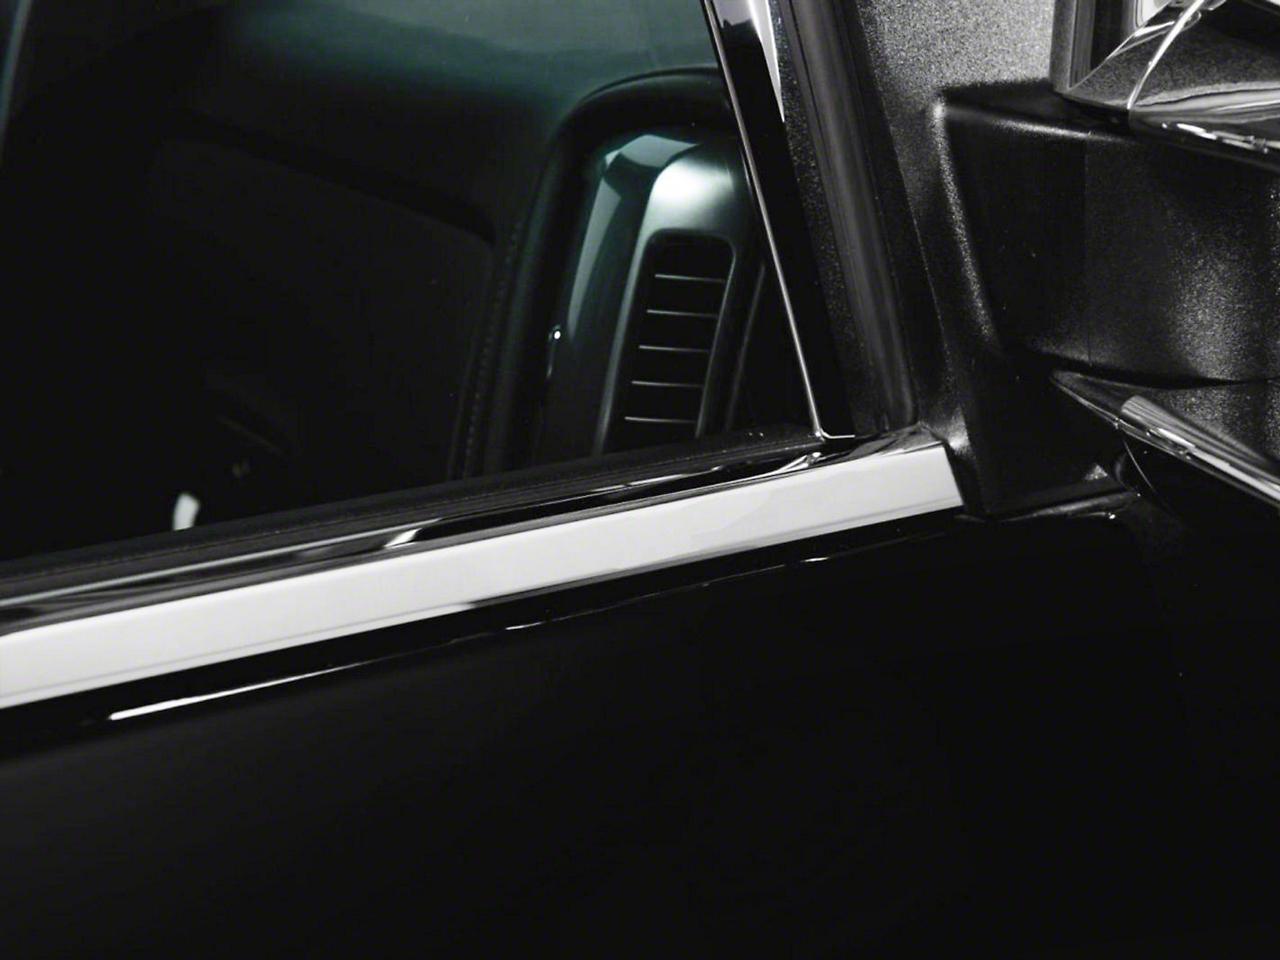 Putco Window Trim - Chrome (14-18 Sierra 1500)